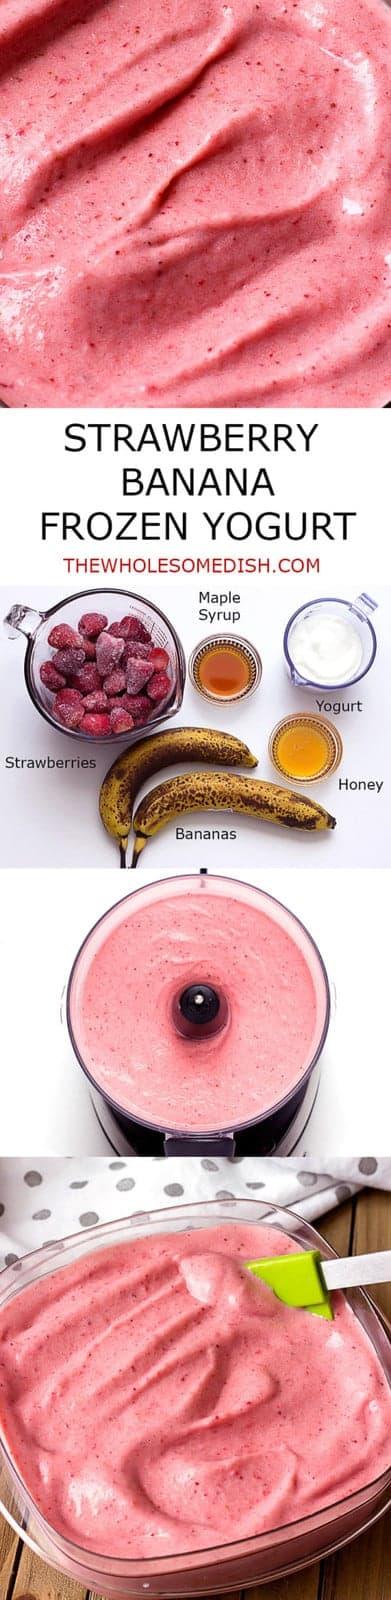 Strawberry Banana Frozen Yogurt - homemade with simple ingredients:  strawberries, bananas, yogurt, maple syrup, and honey.